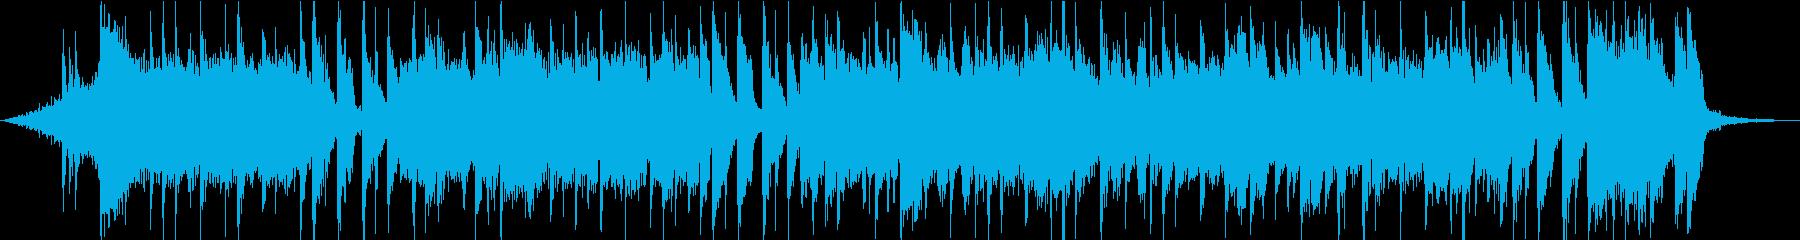 高揚感あふれるストリングスポップス30秒の再生済みの波形